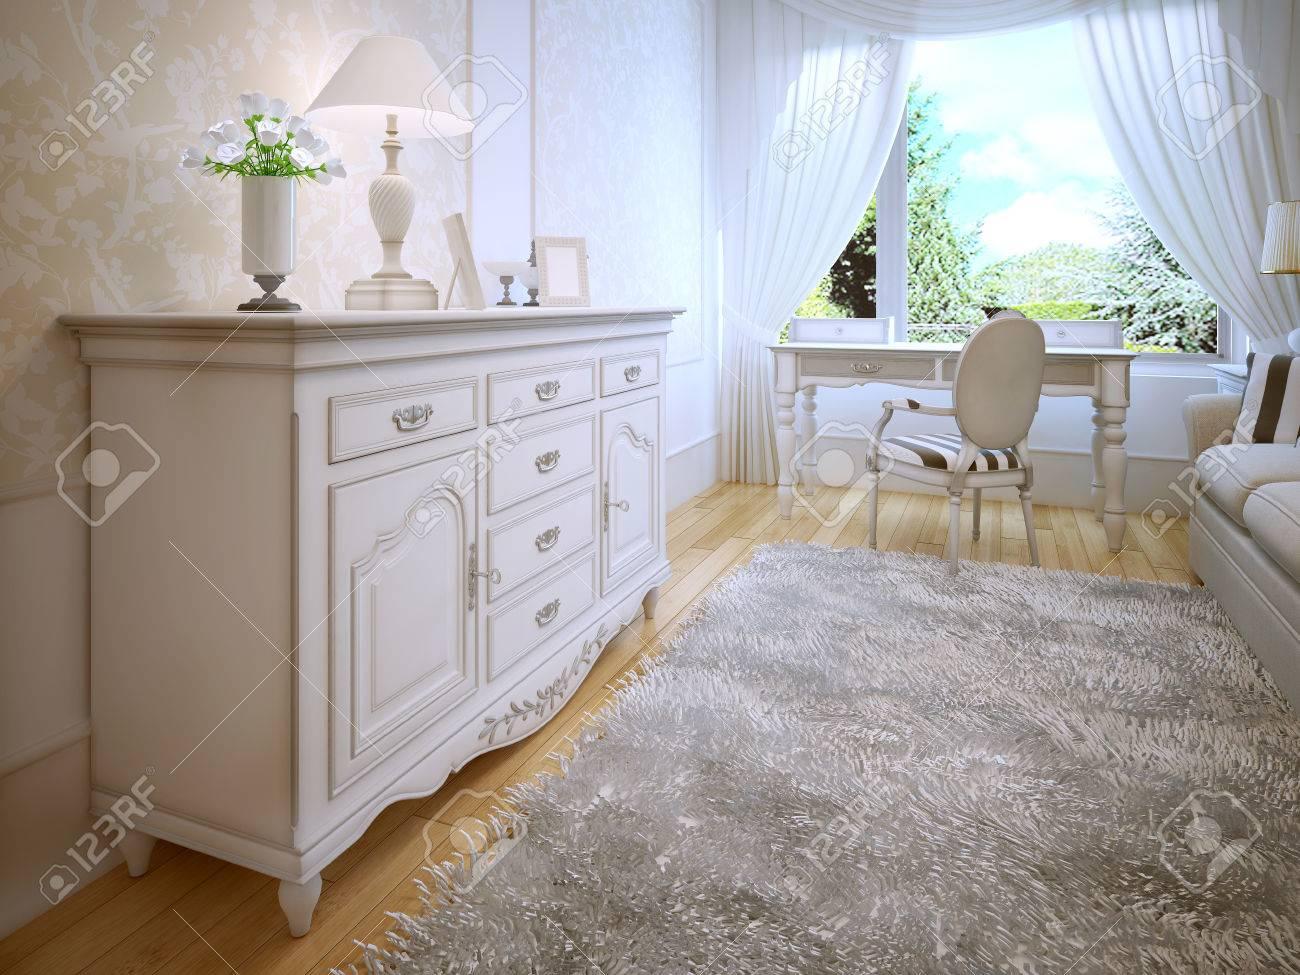 Weisse Kommode Im Klassischen Schlafzimmer Parkett Hellen Holzboden